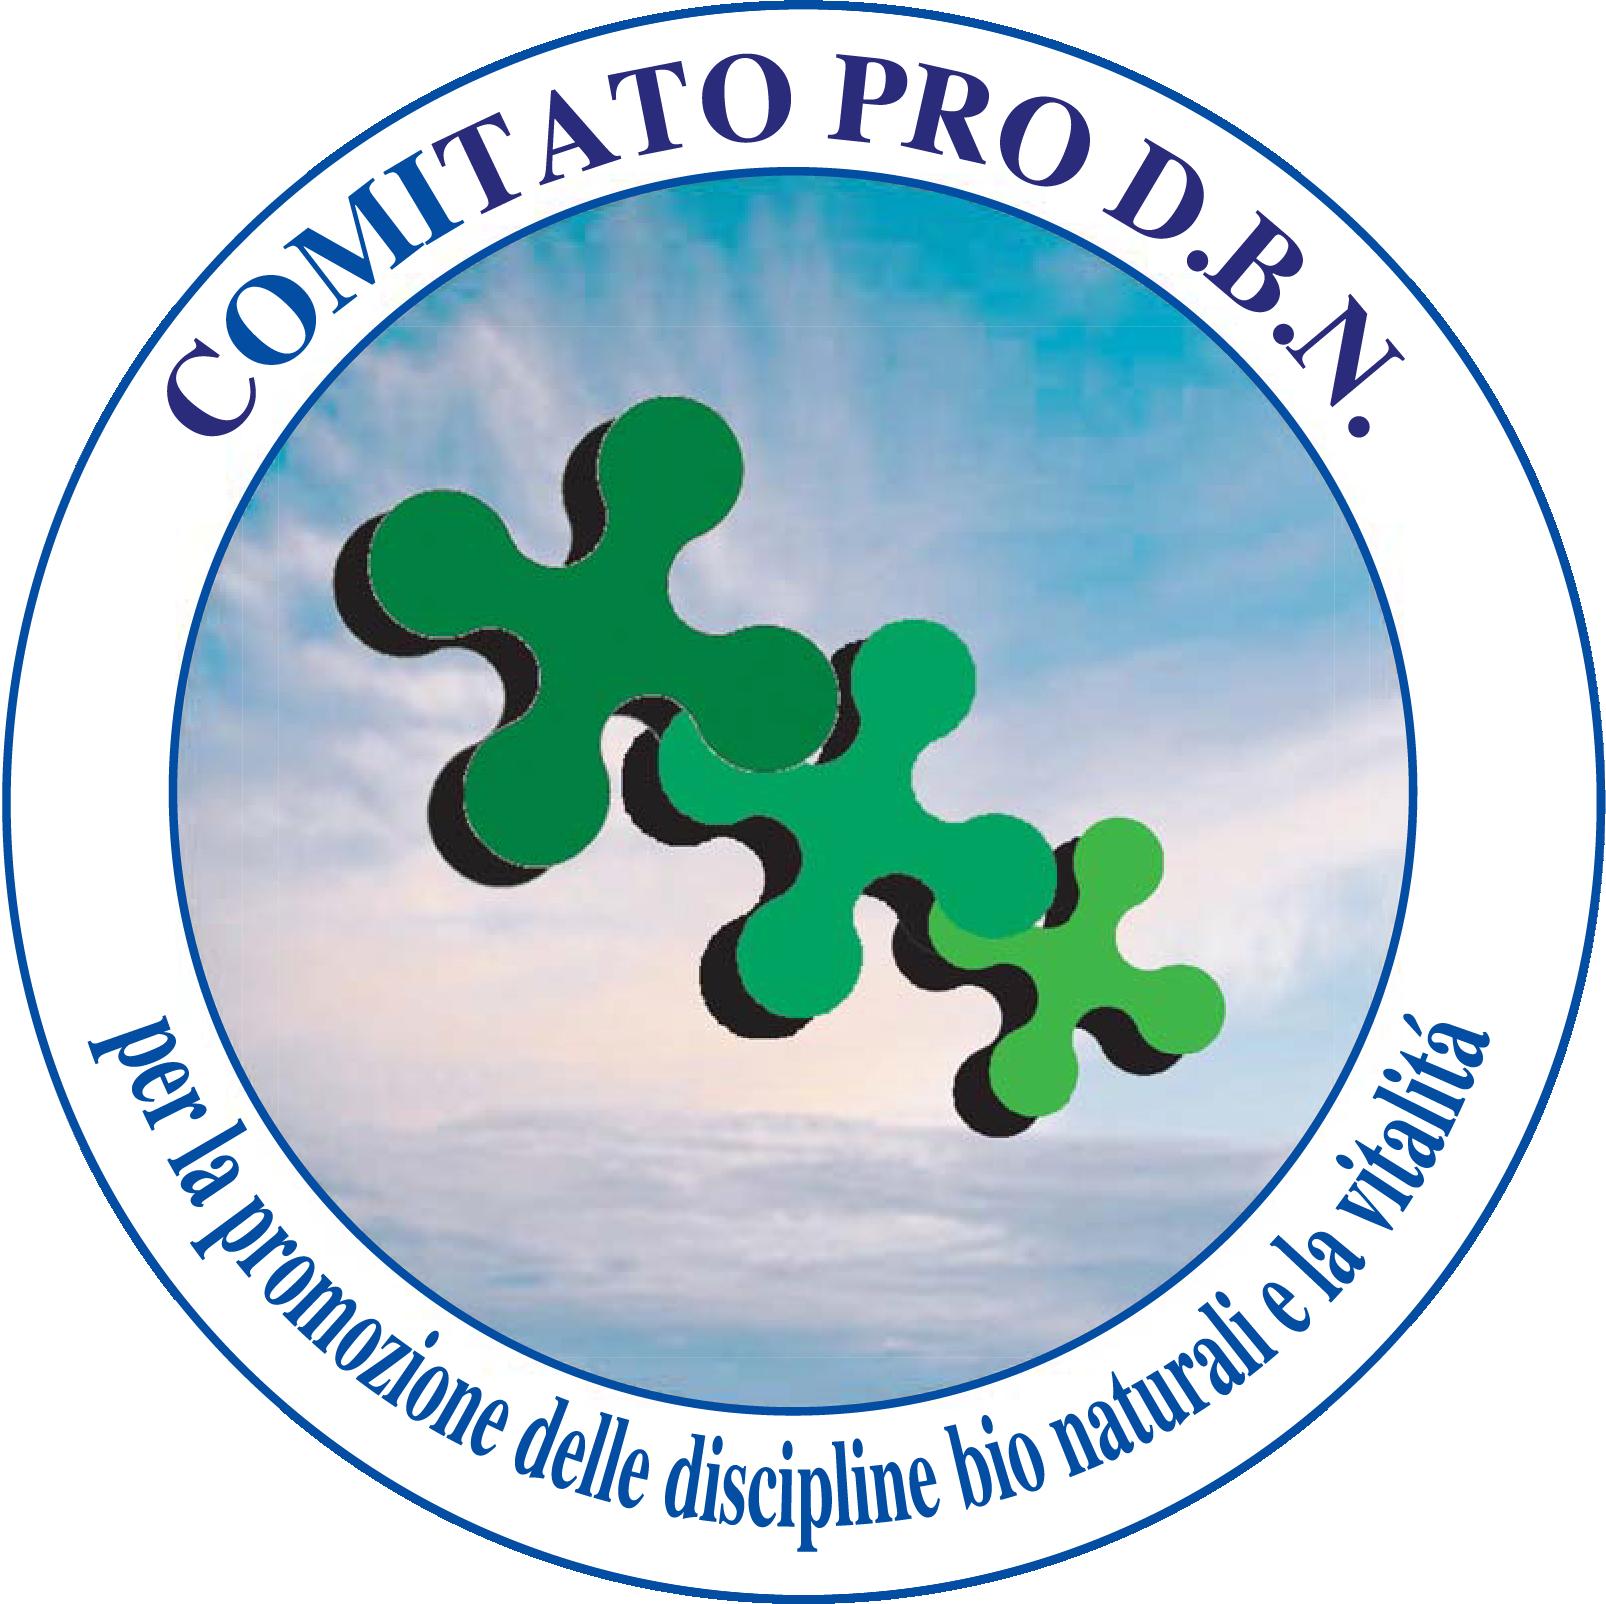 Comitato Pro DBN